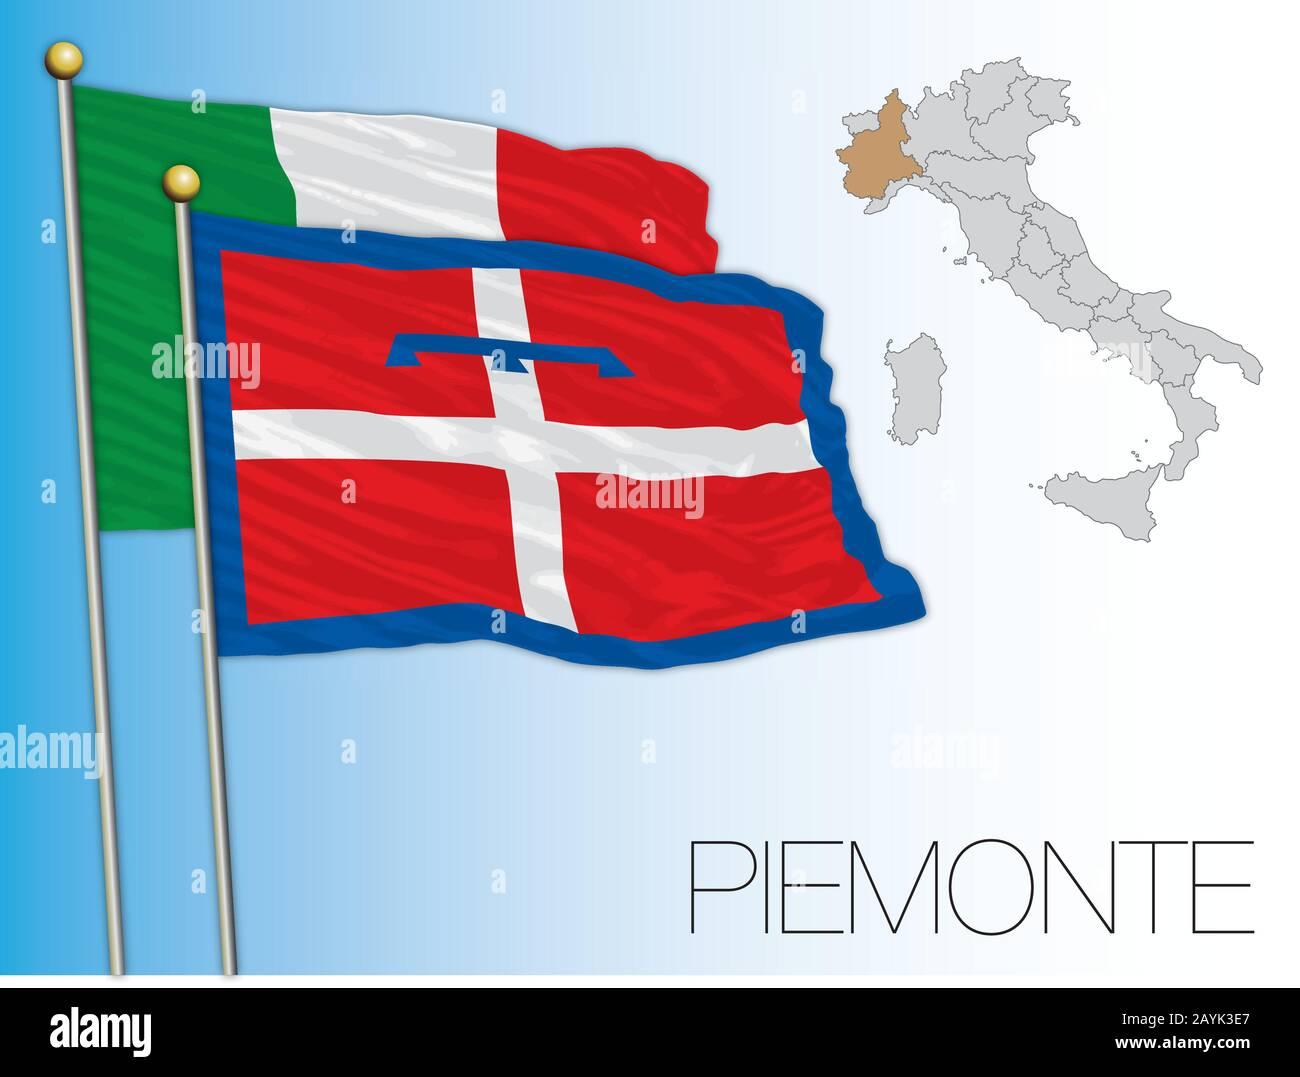 Cartina Dettagliata Piemonte.Piemonte Vector Immagini E Fotos Stock Alamy